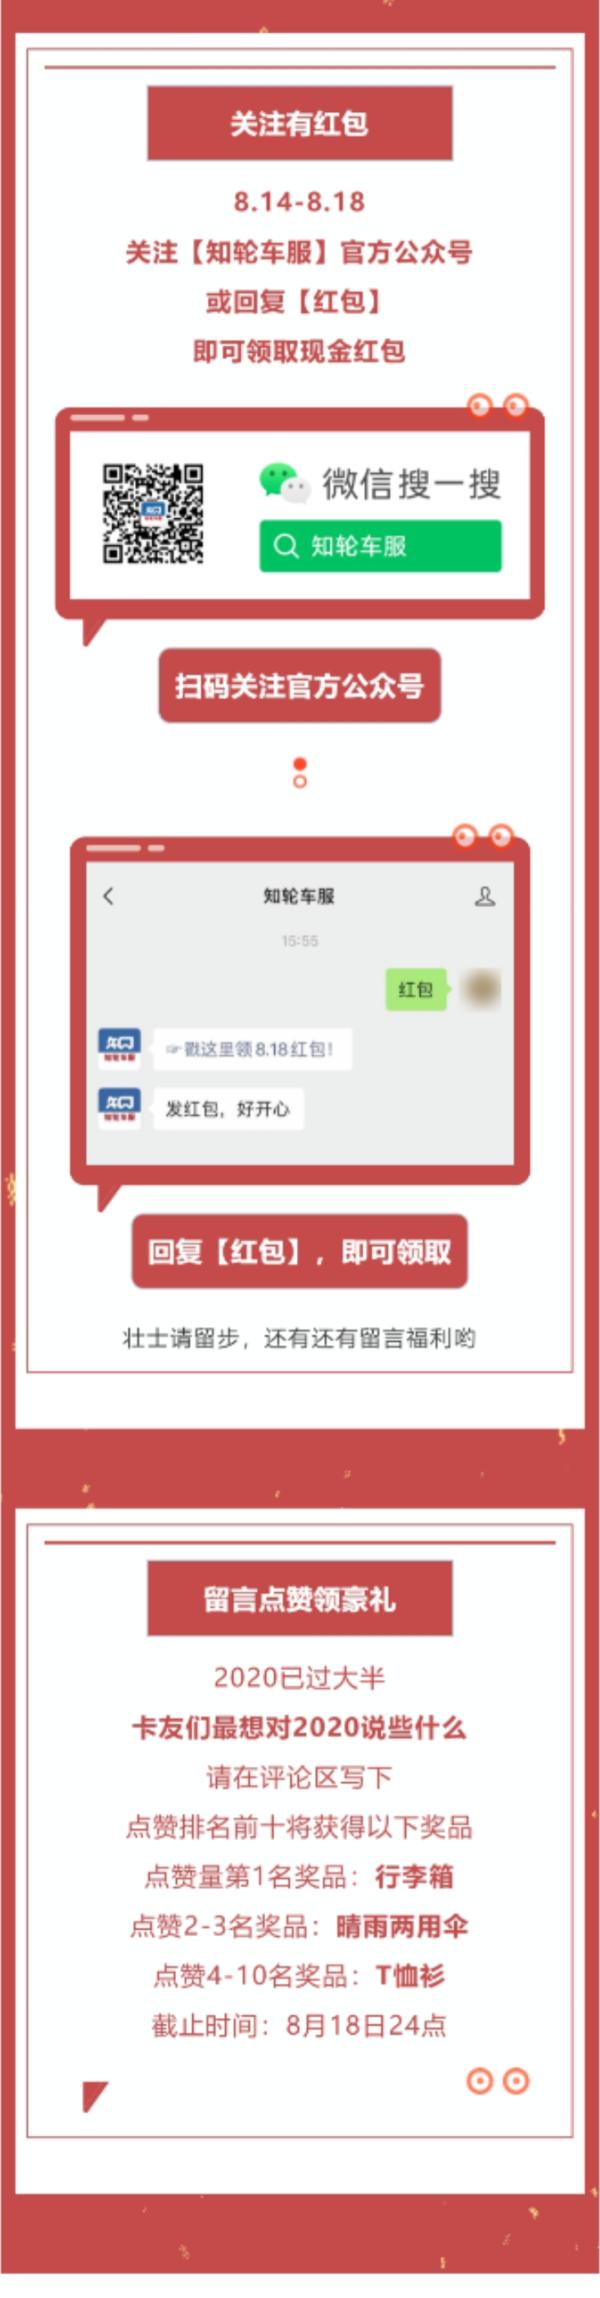 8月18日19:30,看【卡友嘉年华】直播,赢华为P40!